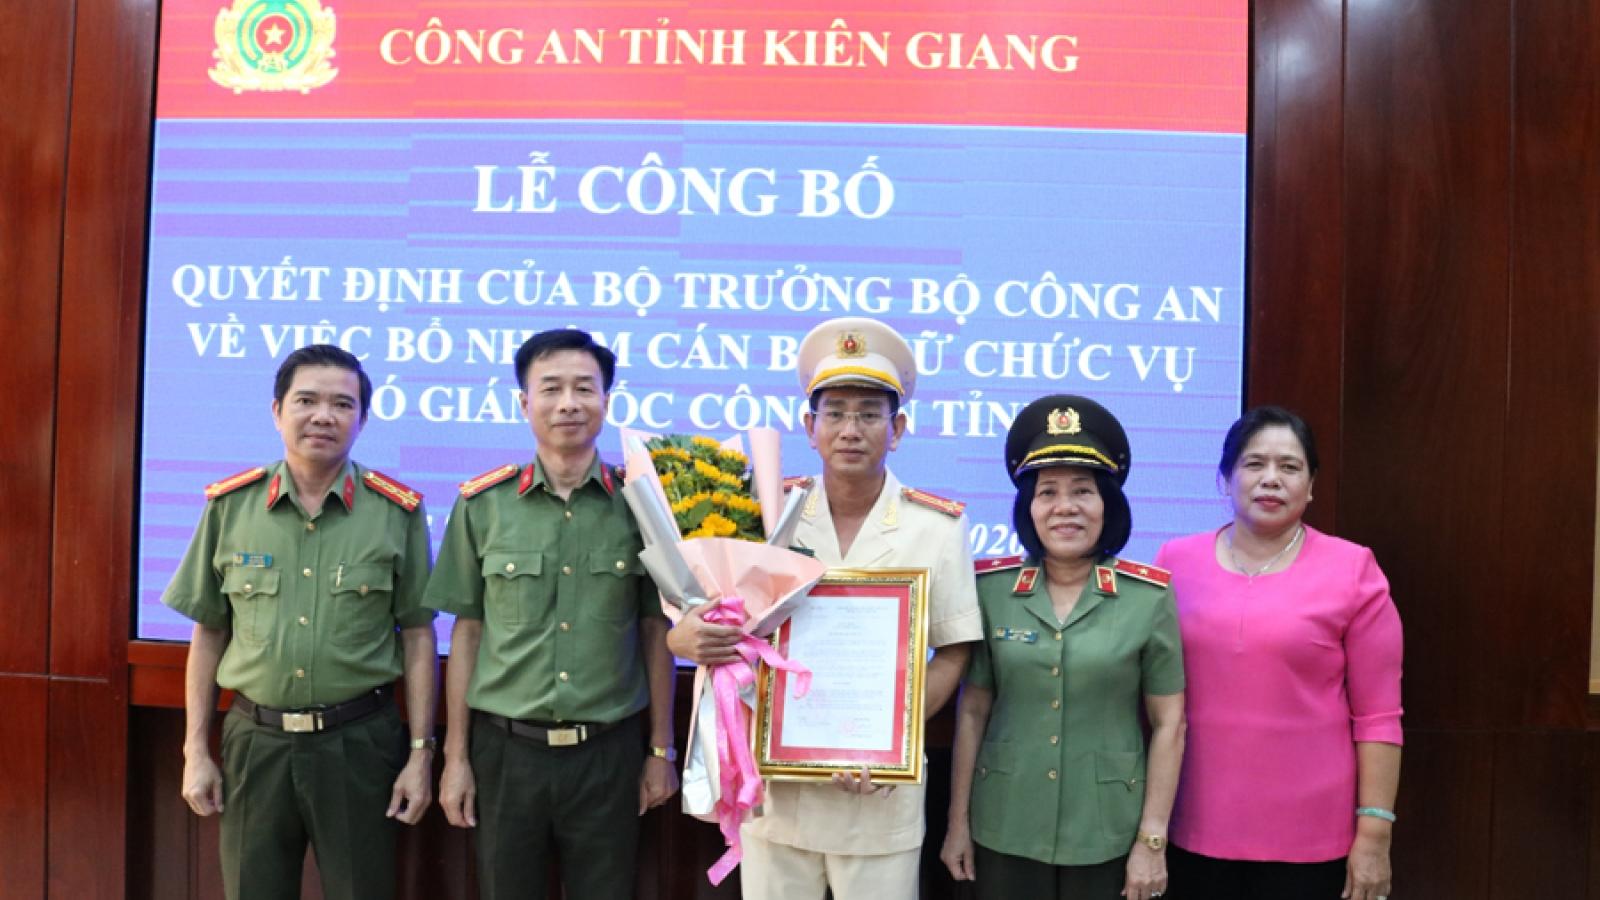 Bổ nhiệm Trưởng phòng Tổ chức cán bộ làm PGĐ Công an tỉnh Kiên Giang